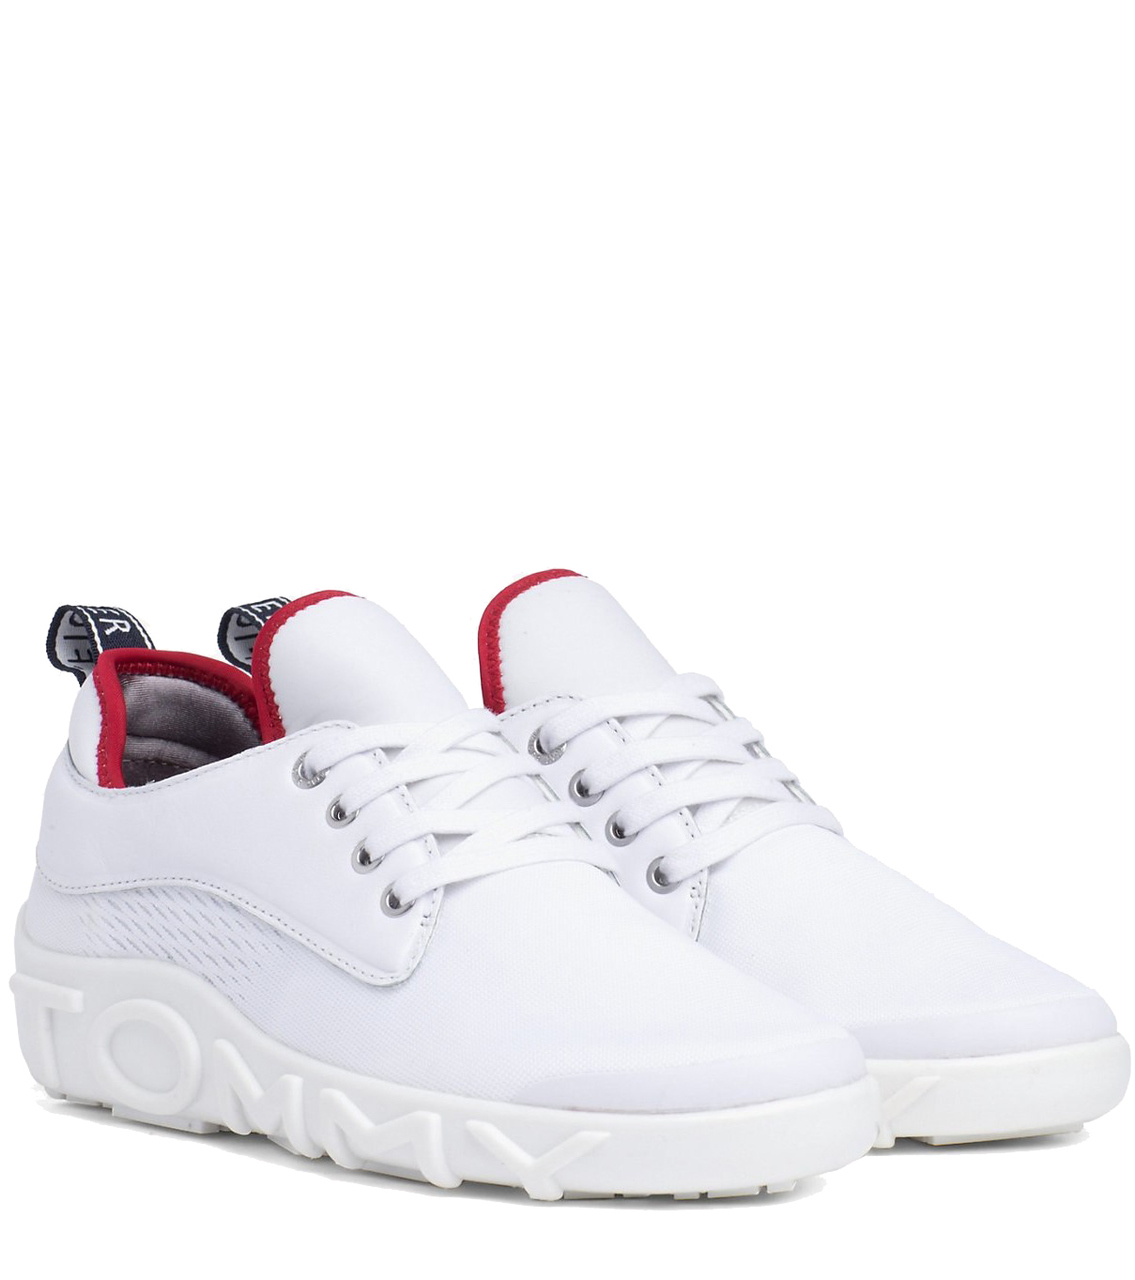 b6d247d638 Tommy Hilfiger bílé tenisky Knit Tommy Sneaker RWB - 37 - Glami.cz